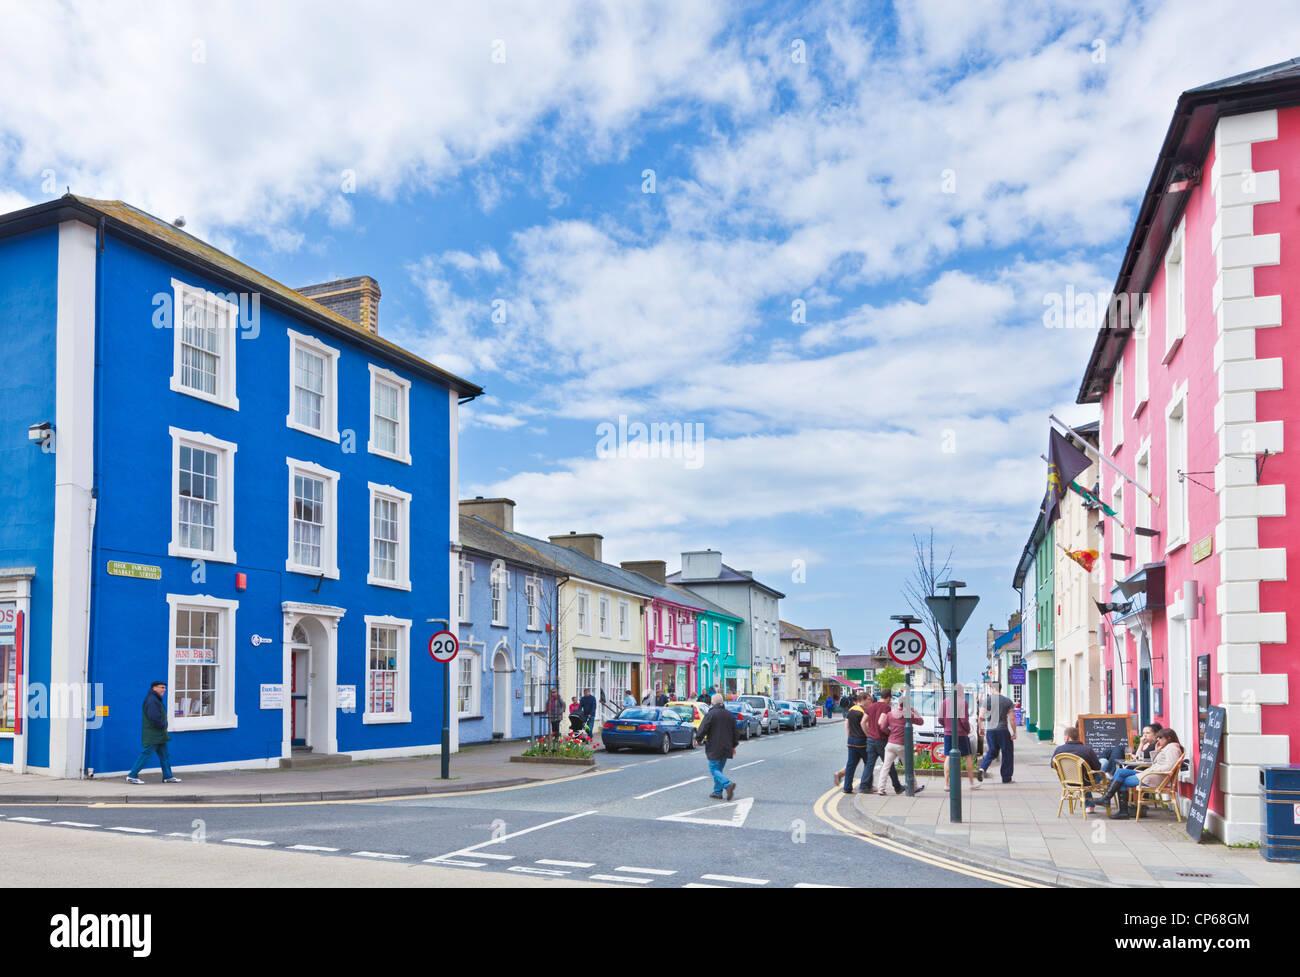 farbige beherbergt Geschäfte und Burg Hotel Aberaeron Mitte Wales Ceredigion Küste UK GB EU Europa Stockbild